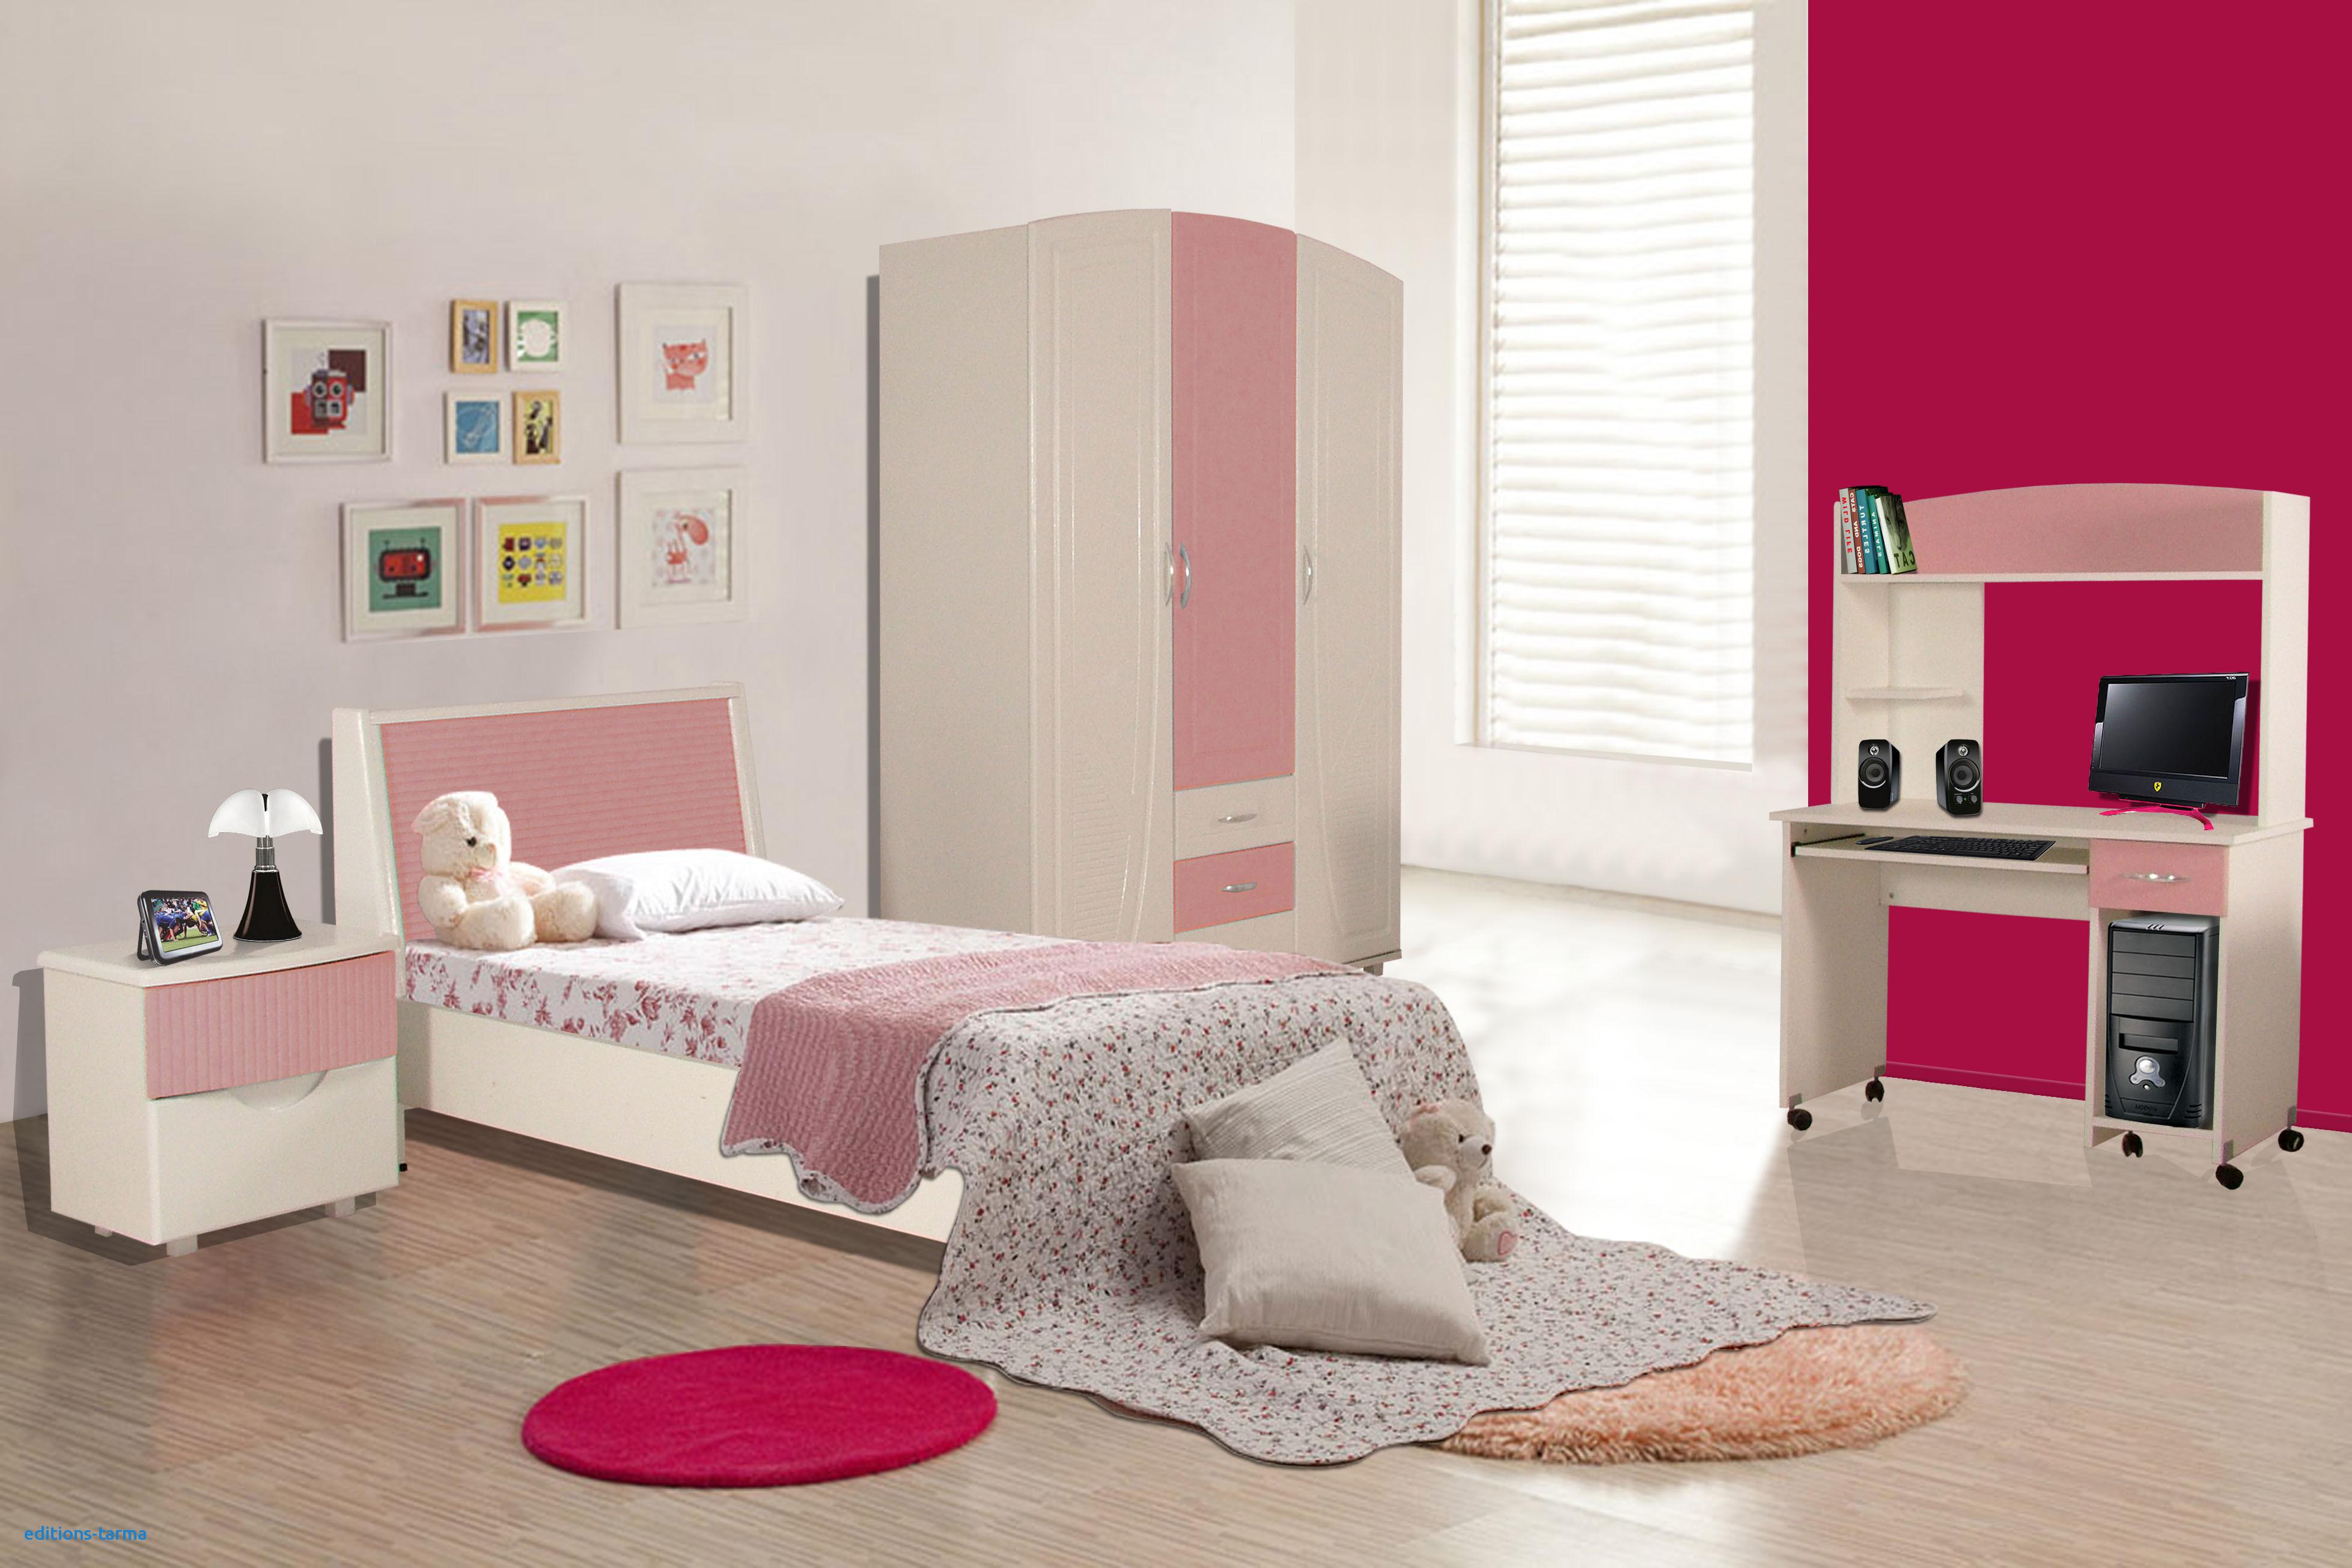 Decoration chambre bebe tunis - Idées de tricot gratuit